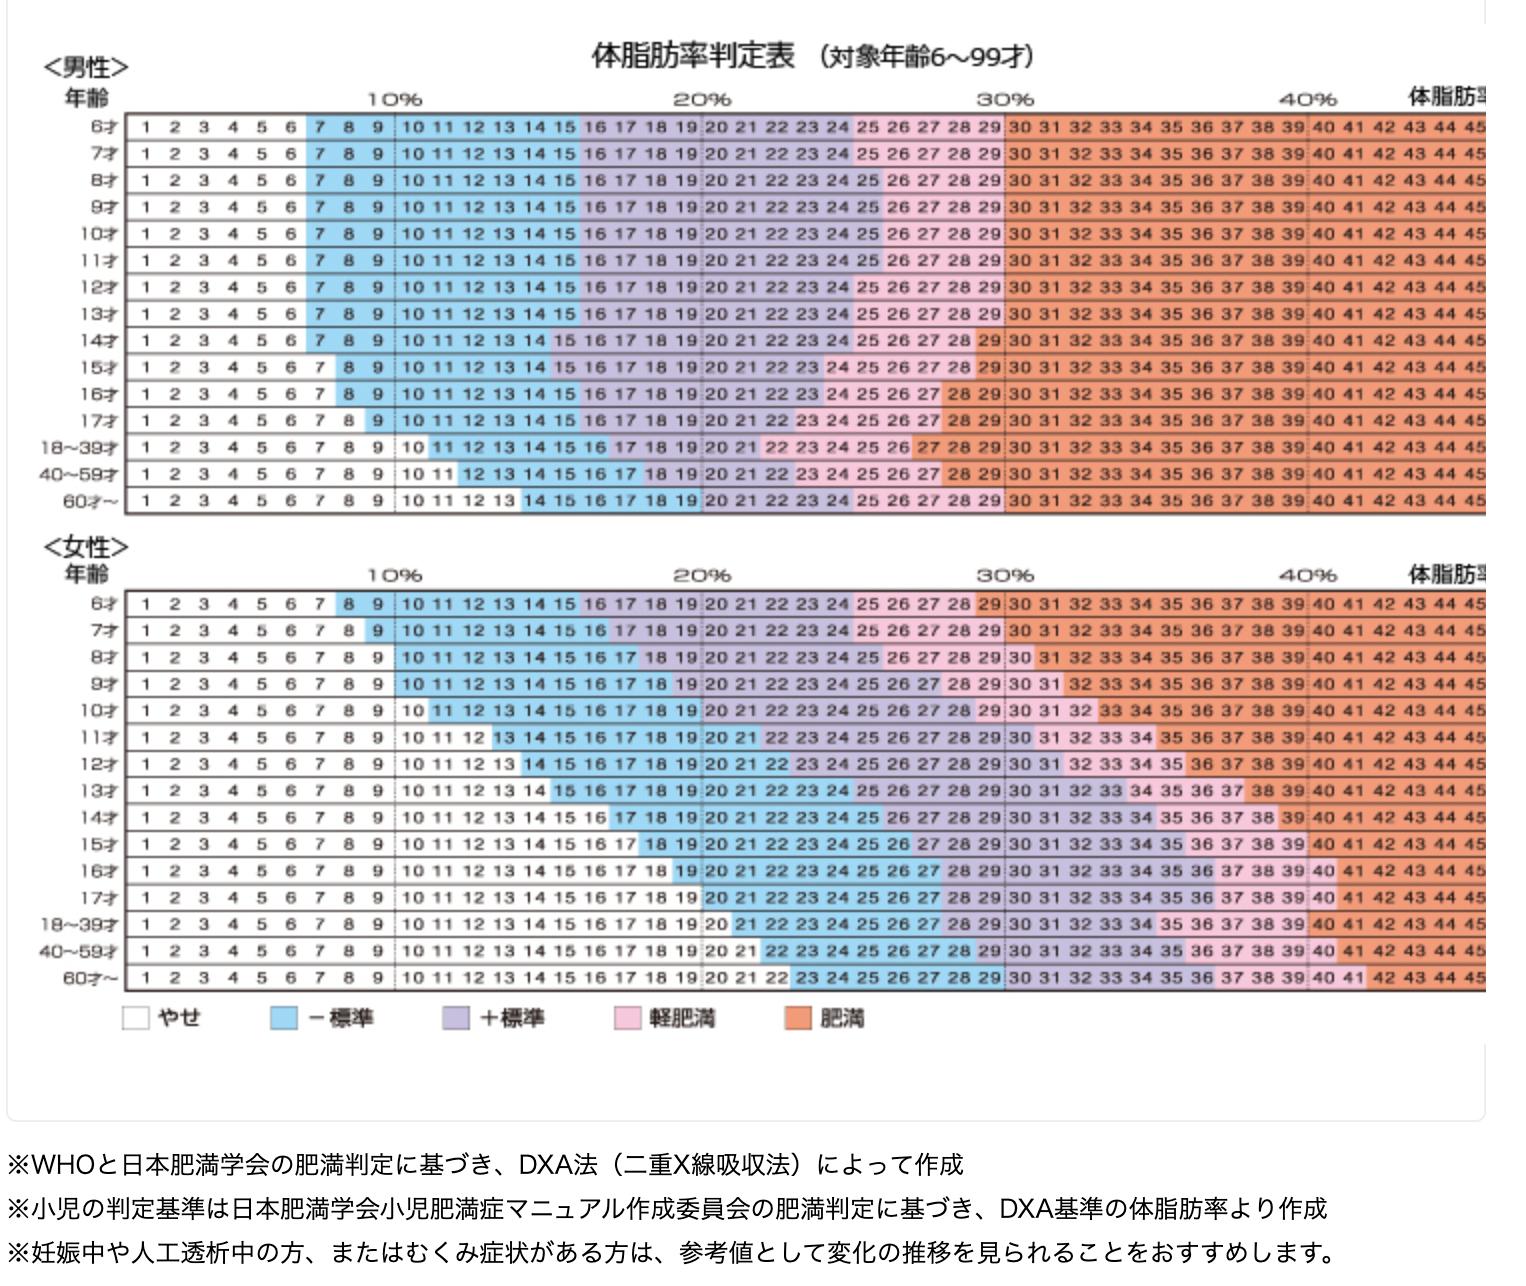 年齢 体 平均 脂肪 別 率